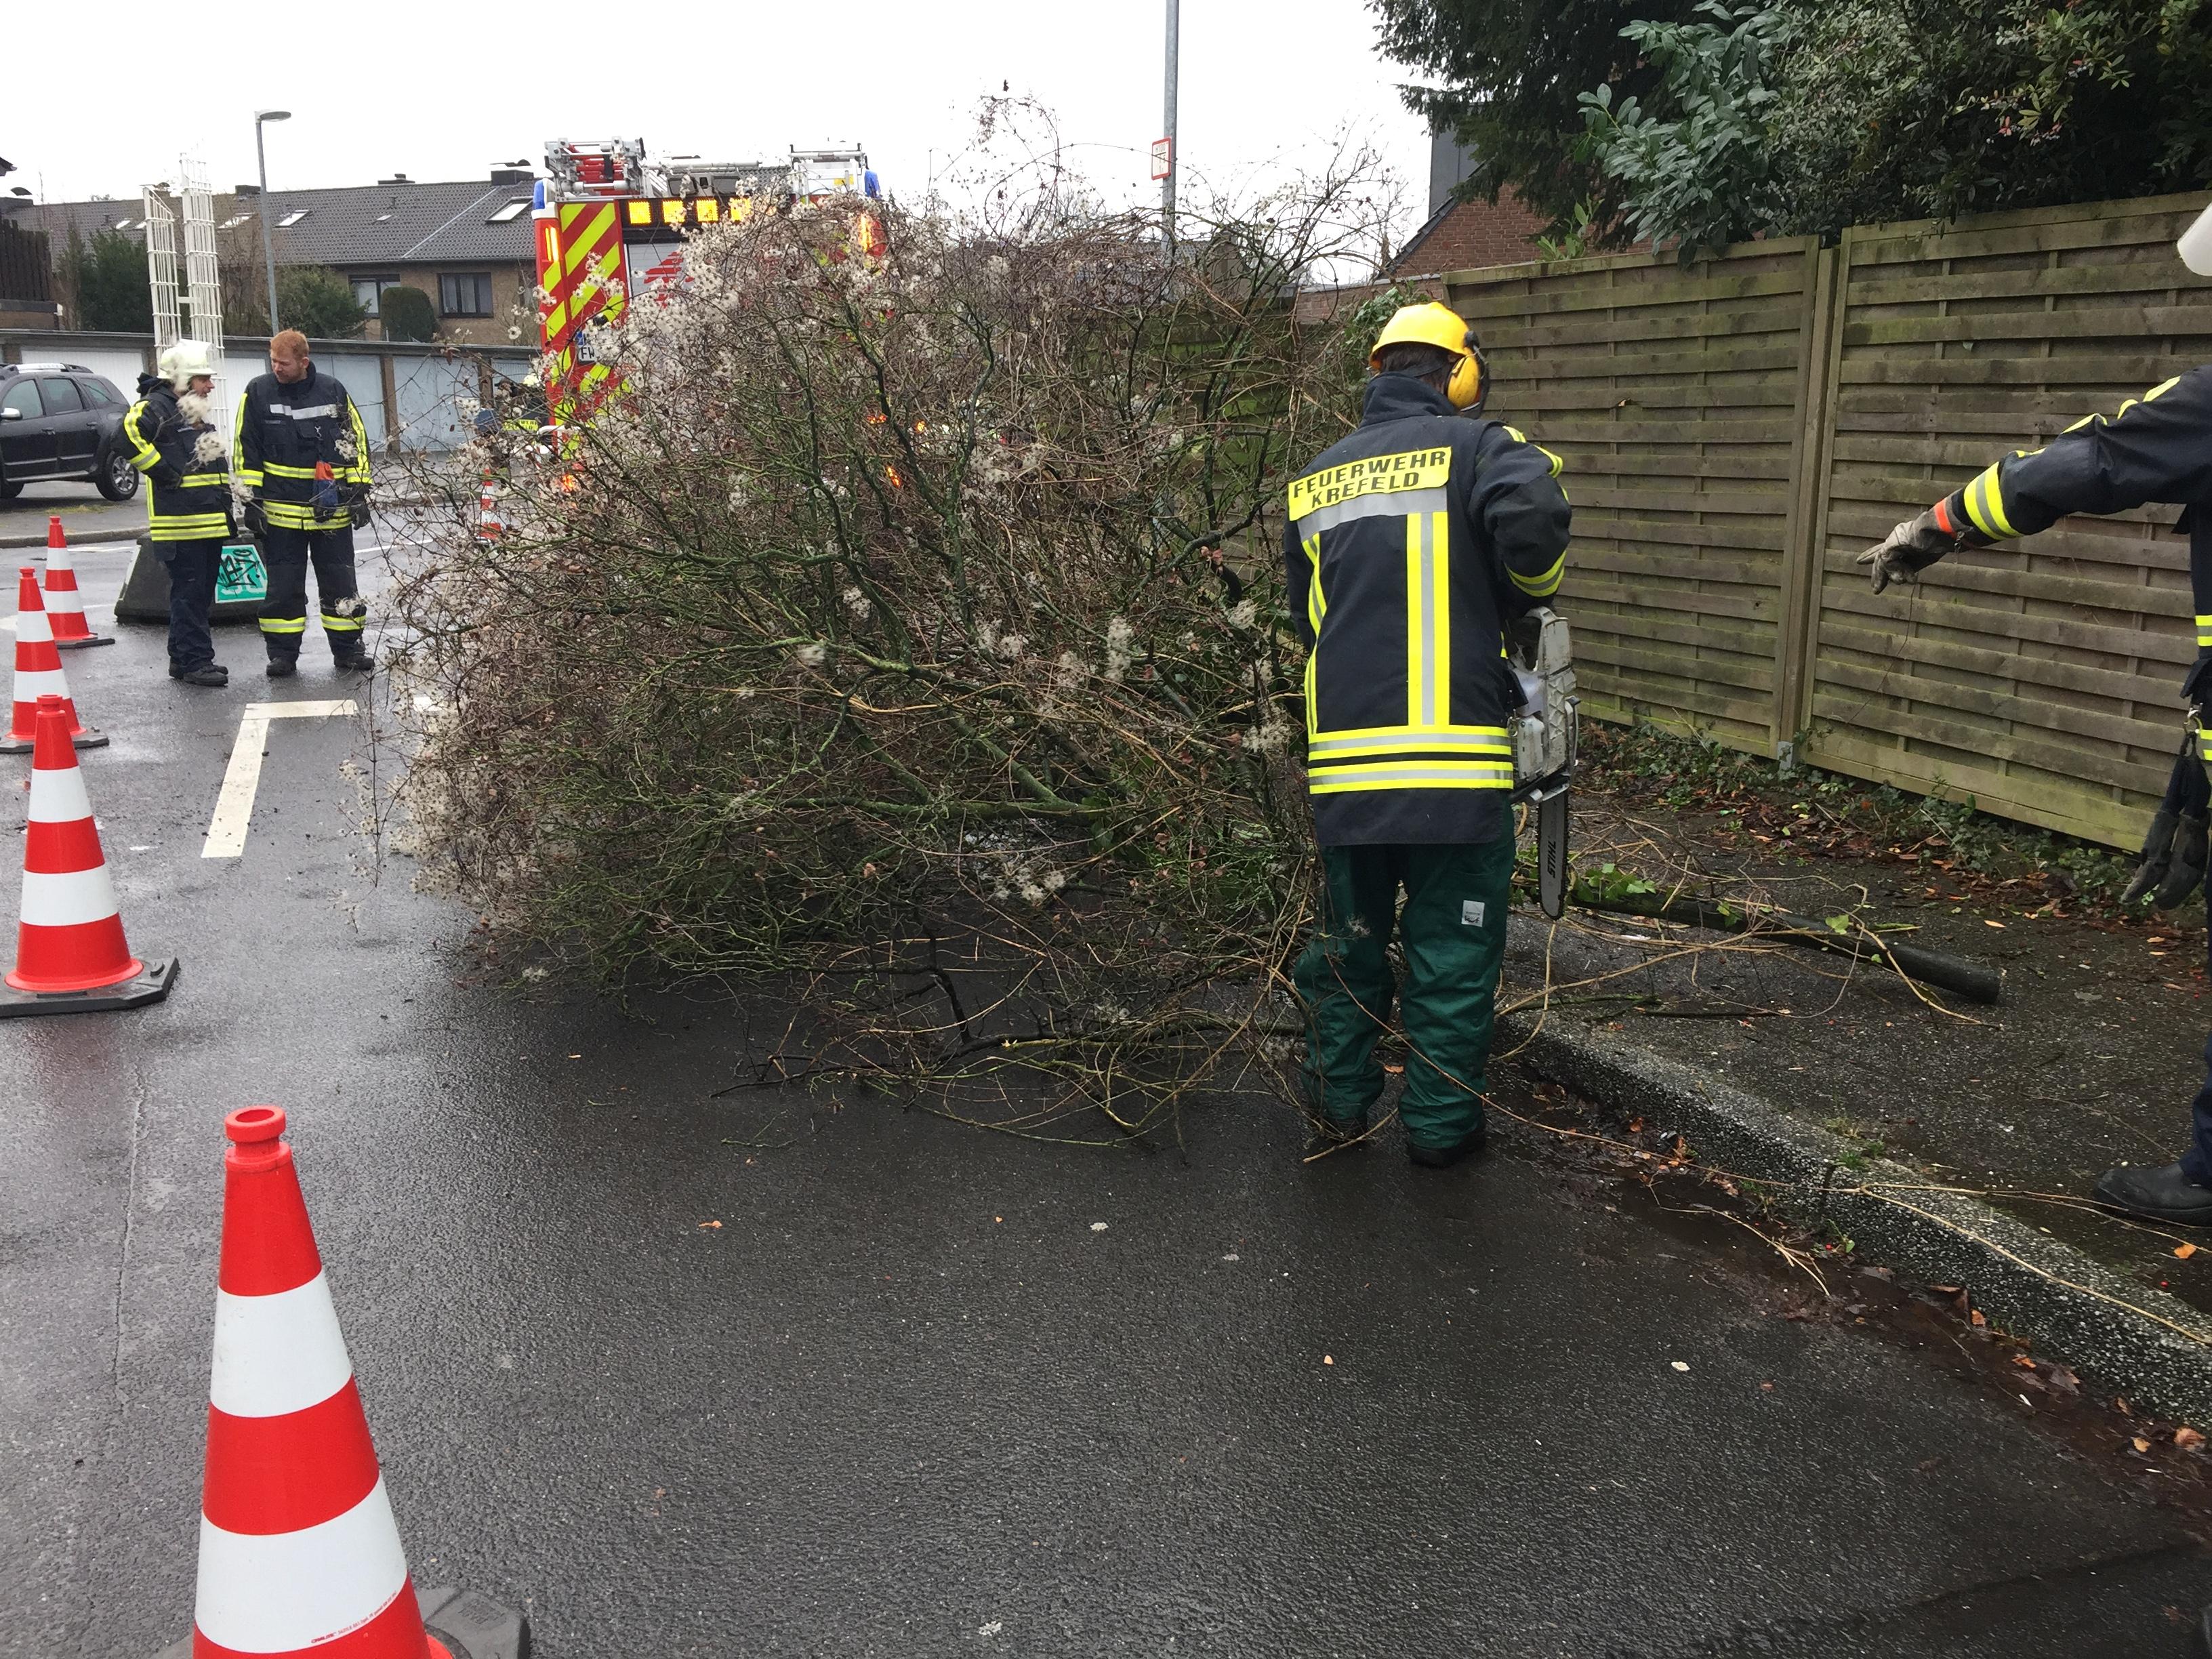 Sturmeinsatz (klein) vom 03.01.2018  |  (C) Freiwillige Feuerwehr Fischeln (2018)